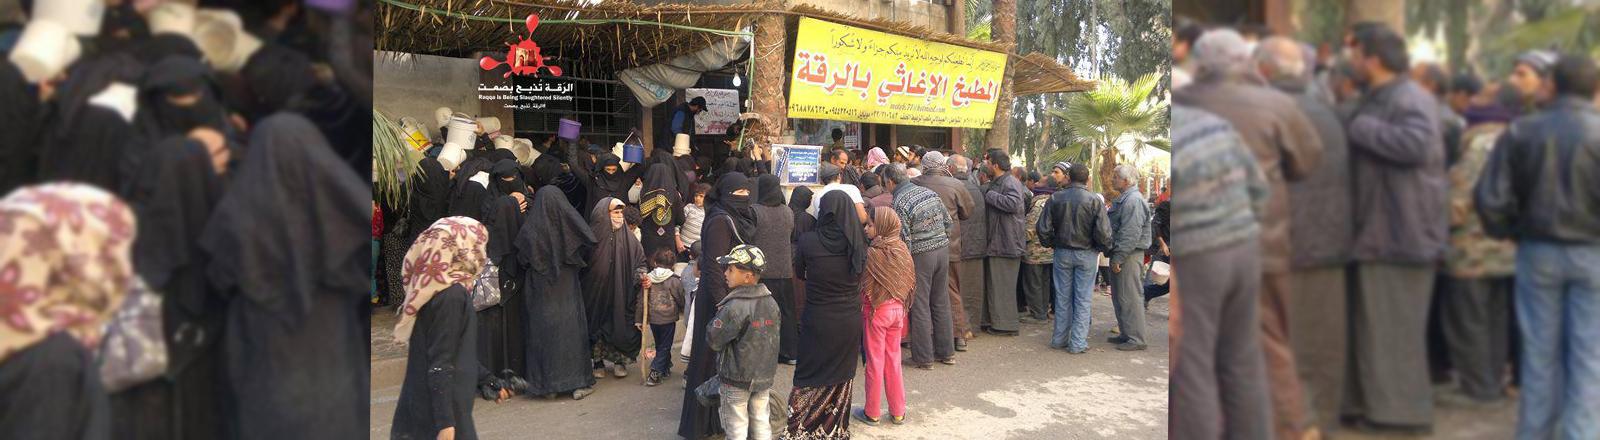 Menschen in Rakka vor einem Laden oder Kiosk.